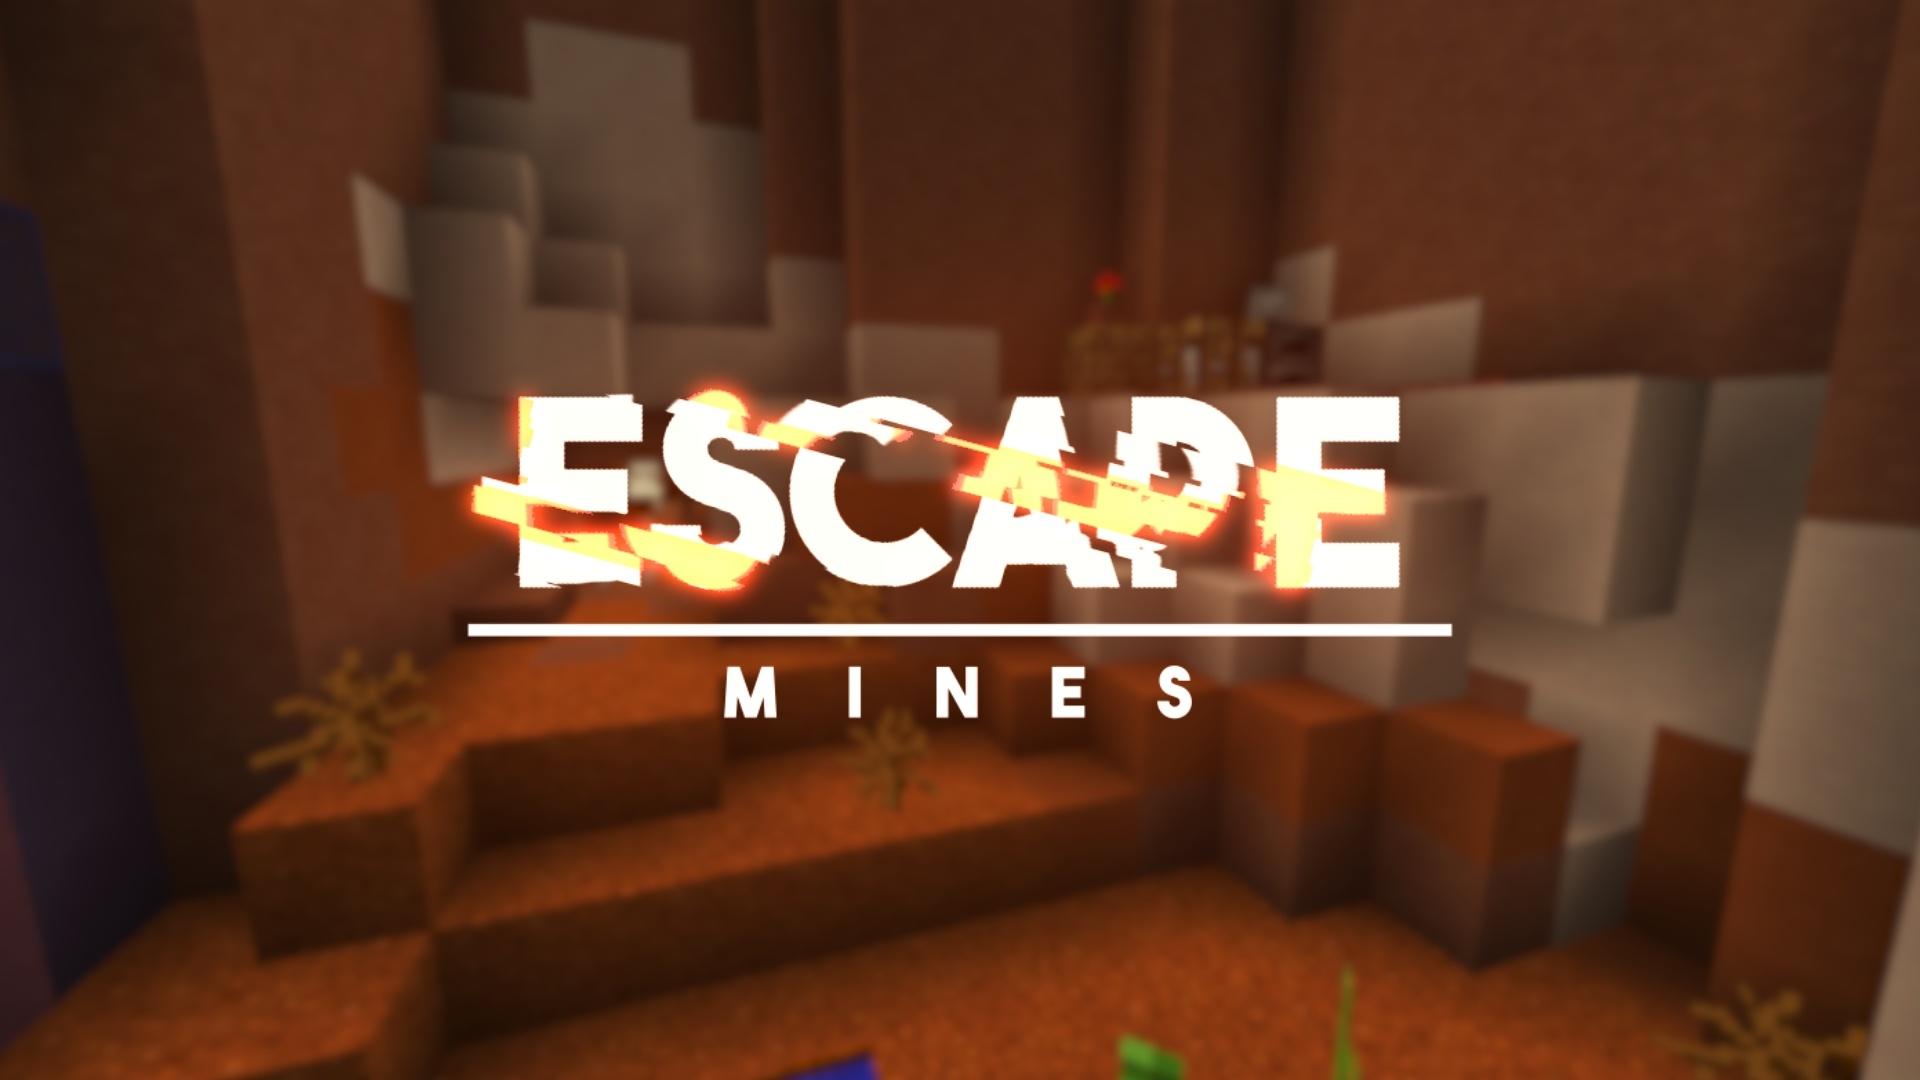 Escape: Mines